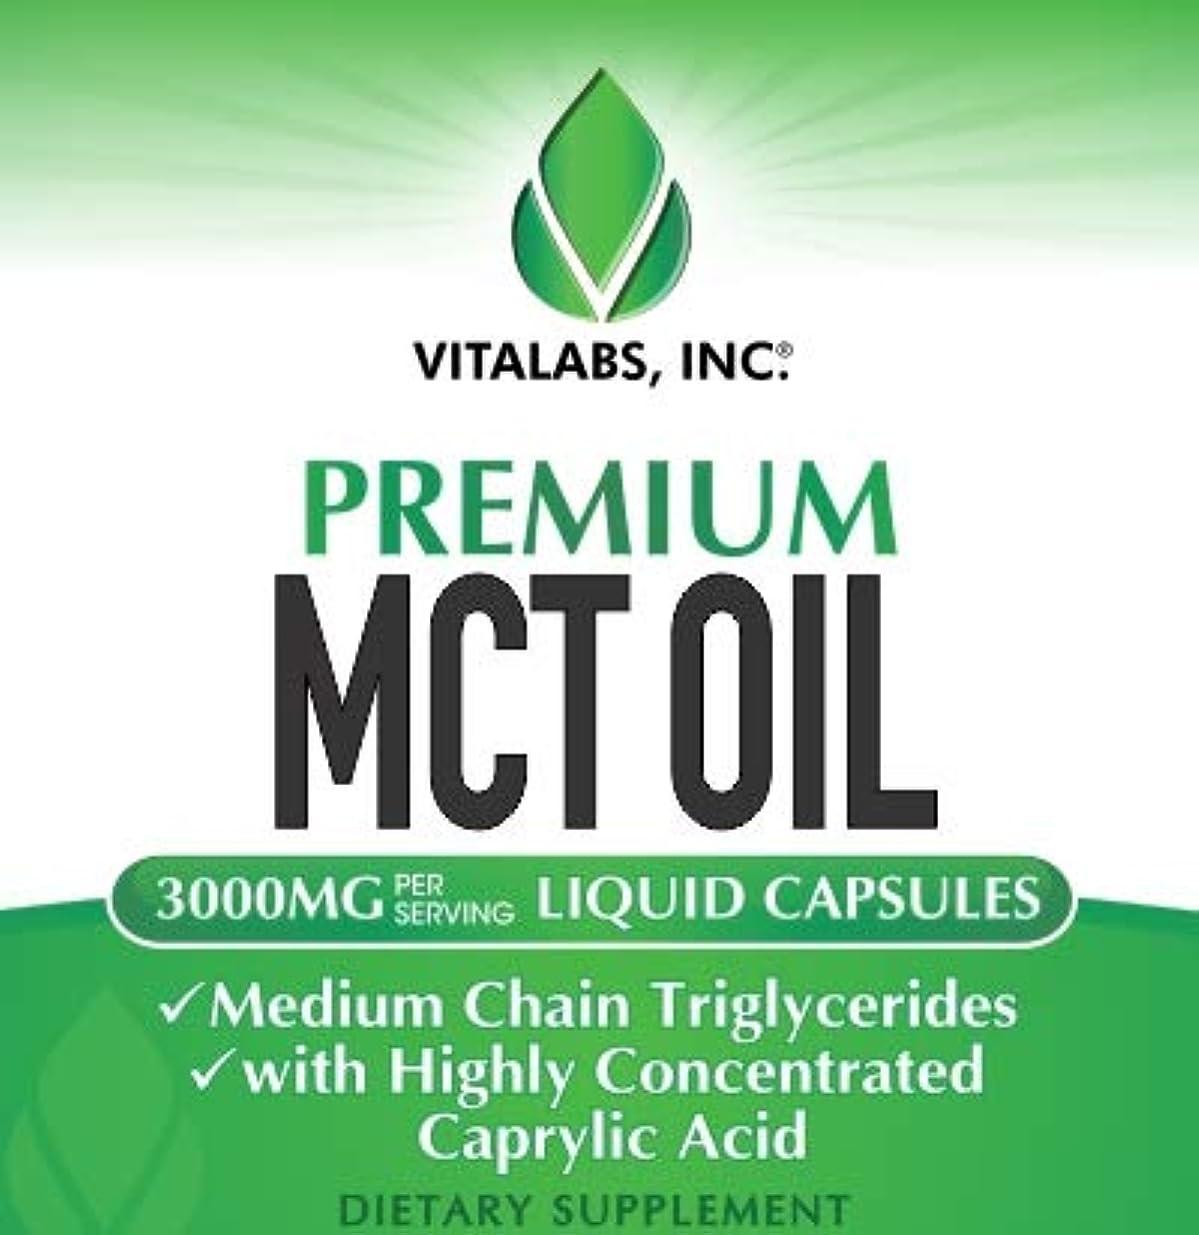 バスタブまろやかなじゃない取りやすいジェルカプセルタイプ?ココナッツ由来-MCT オイル/3000mg(1Serving=4カプセル) 120Capsules 【Vitalabs.MCT Oil】 (1)